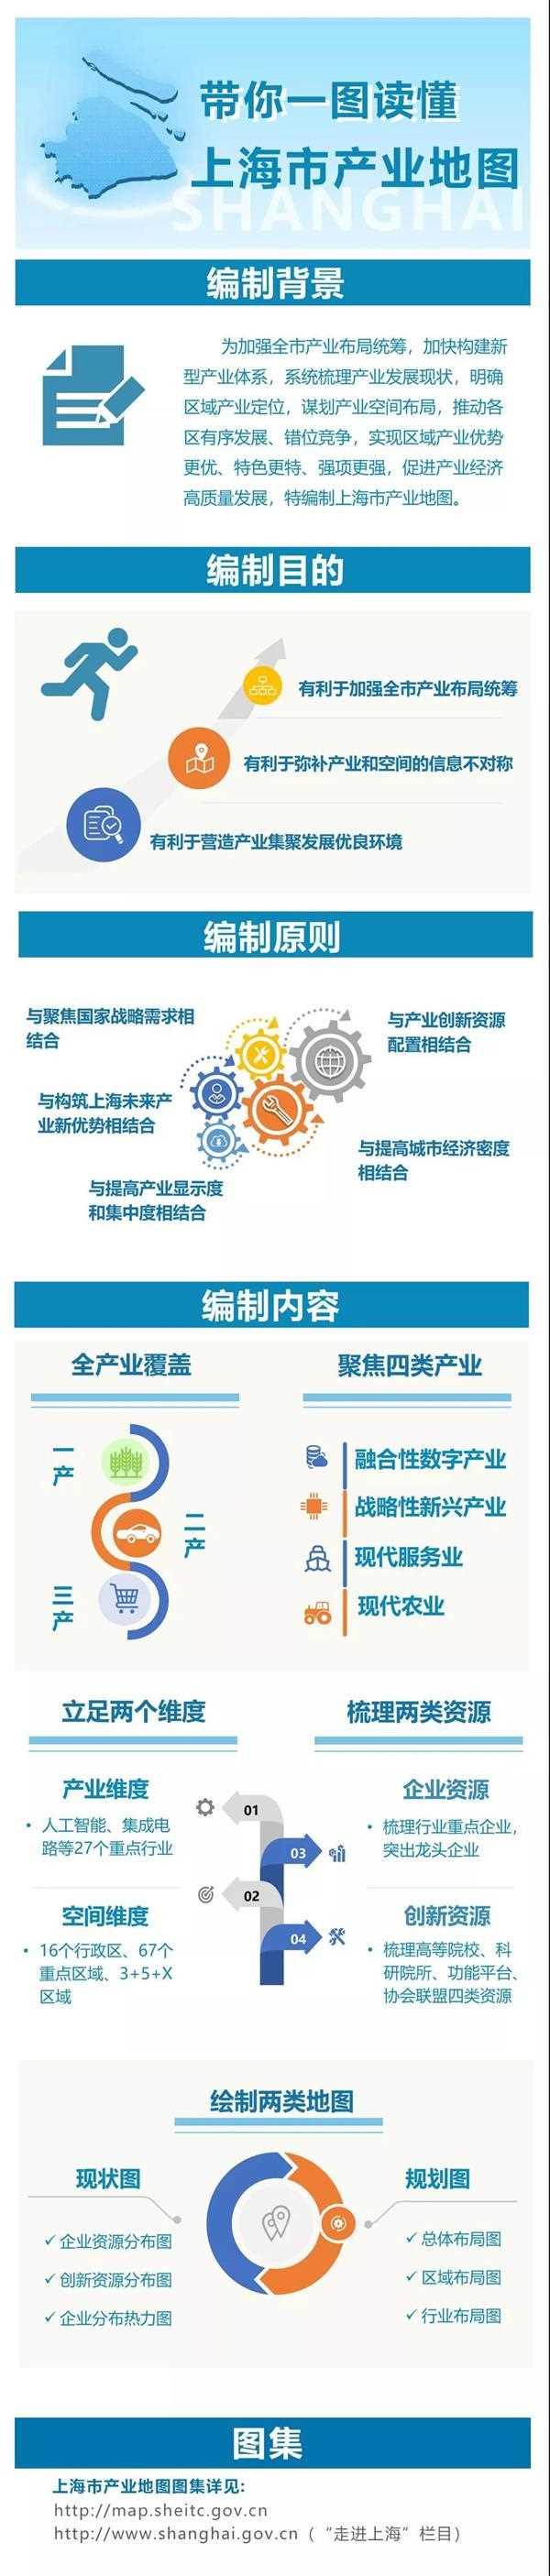 上海市产业地图发布!了解这些区域的现状与未来